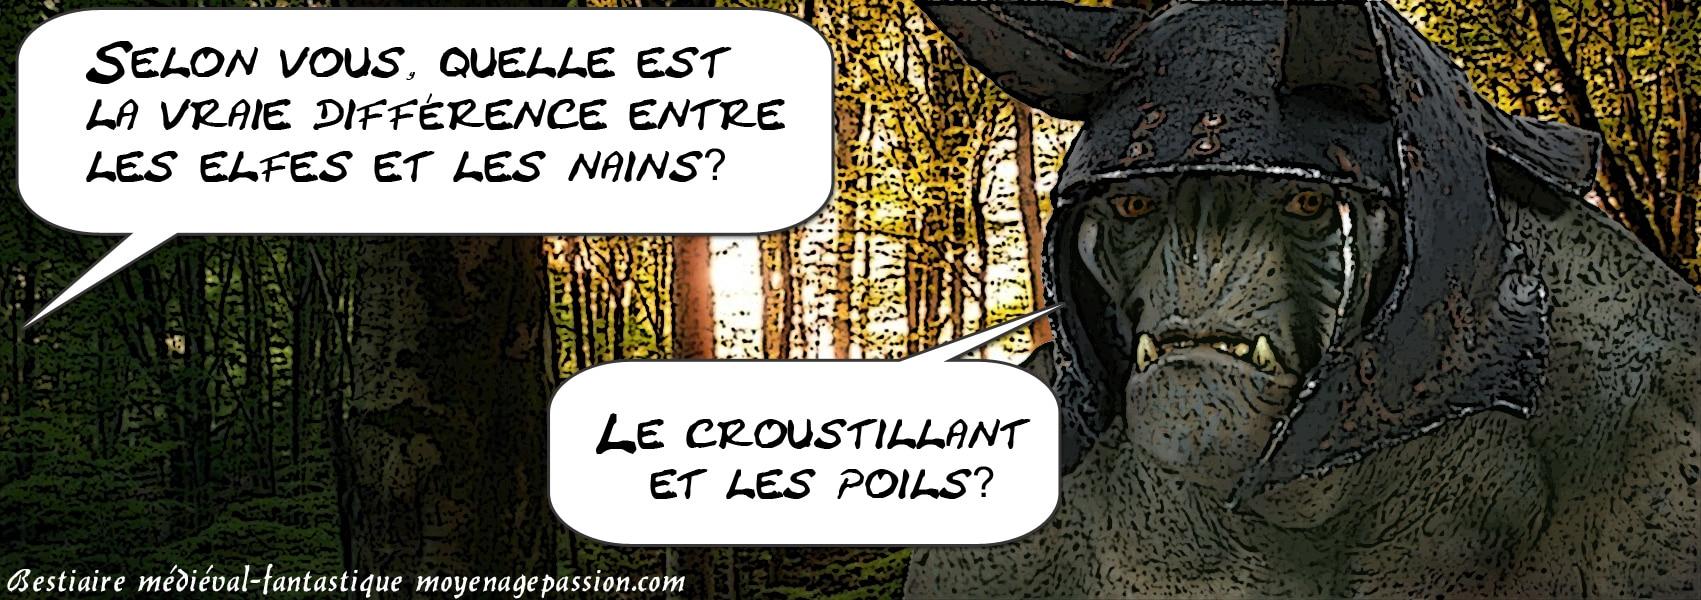 bestiaire_medieval_fantastique_tolkien_terre_du_milieu_elfes_nains_la_difference